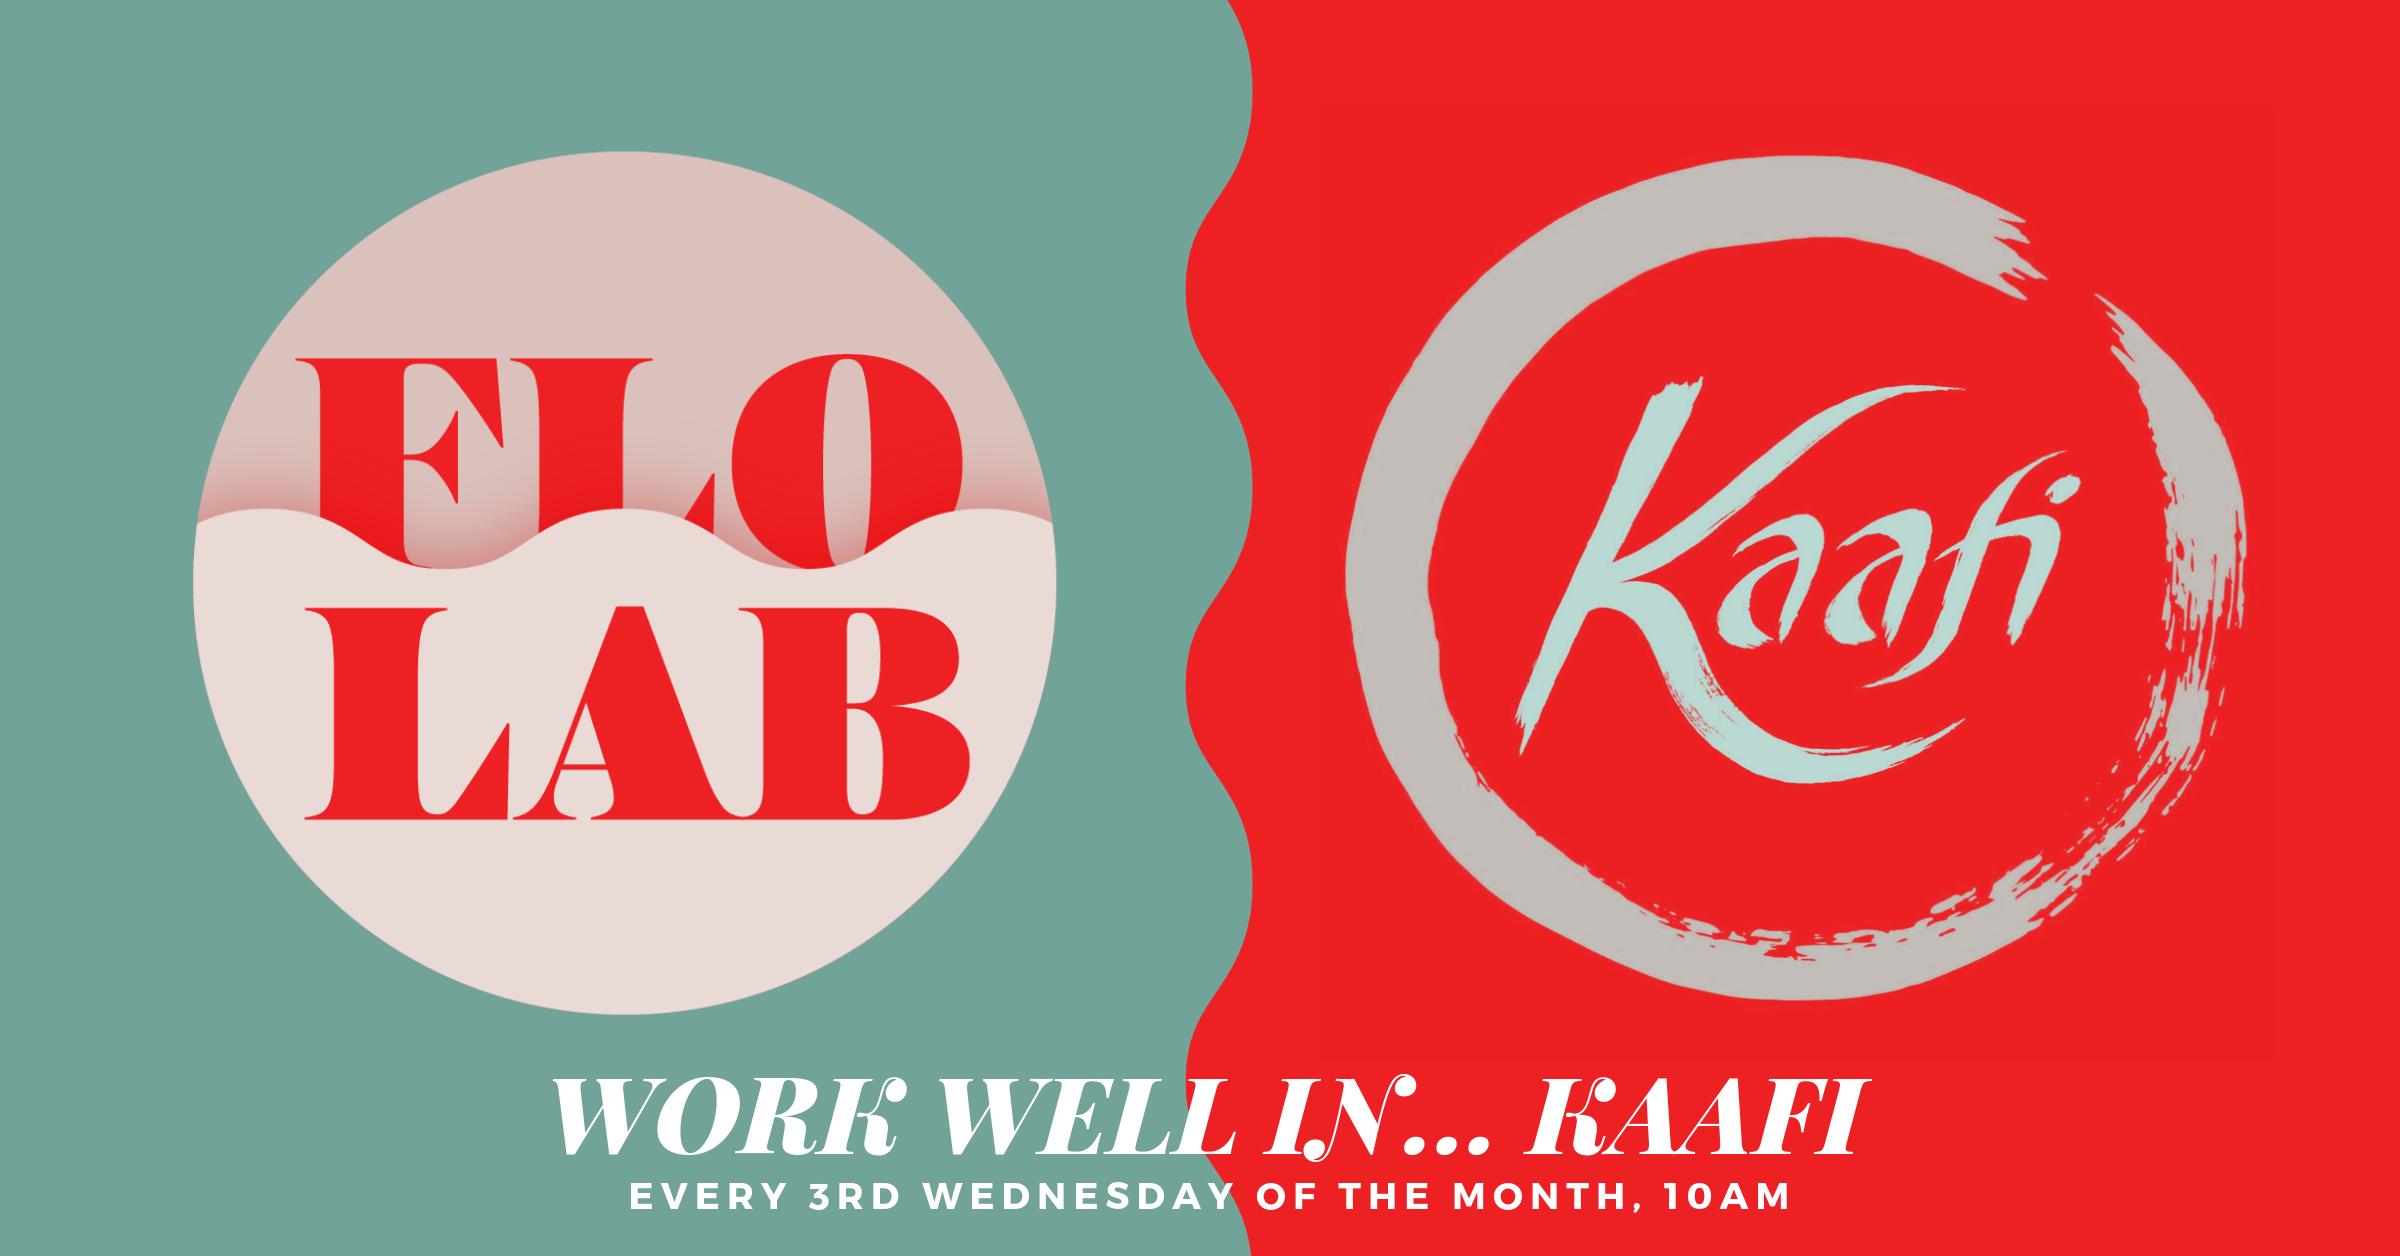 Work Well in... Kaafi - August Facebook_Meetup Banner.png